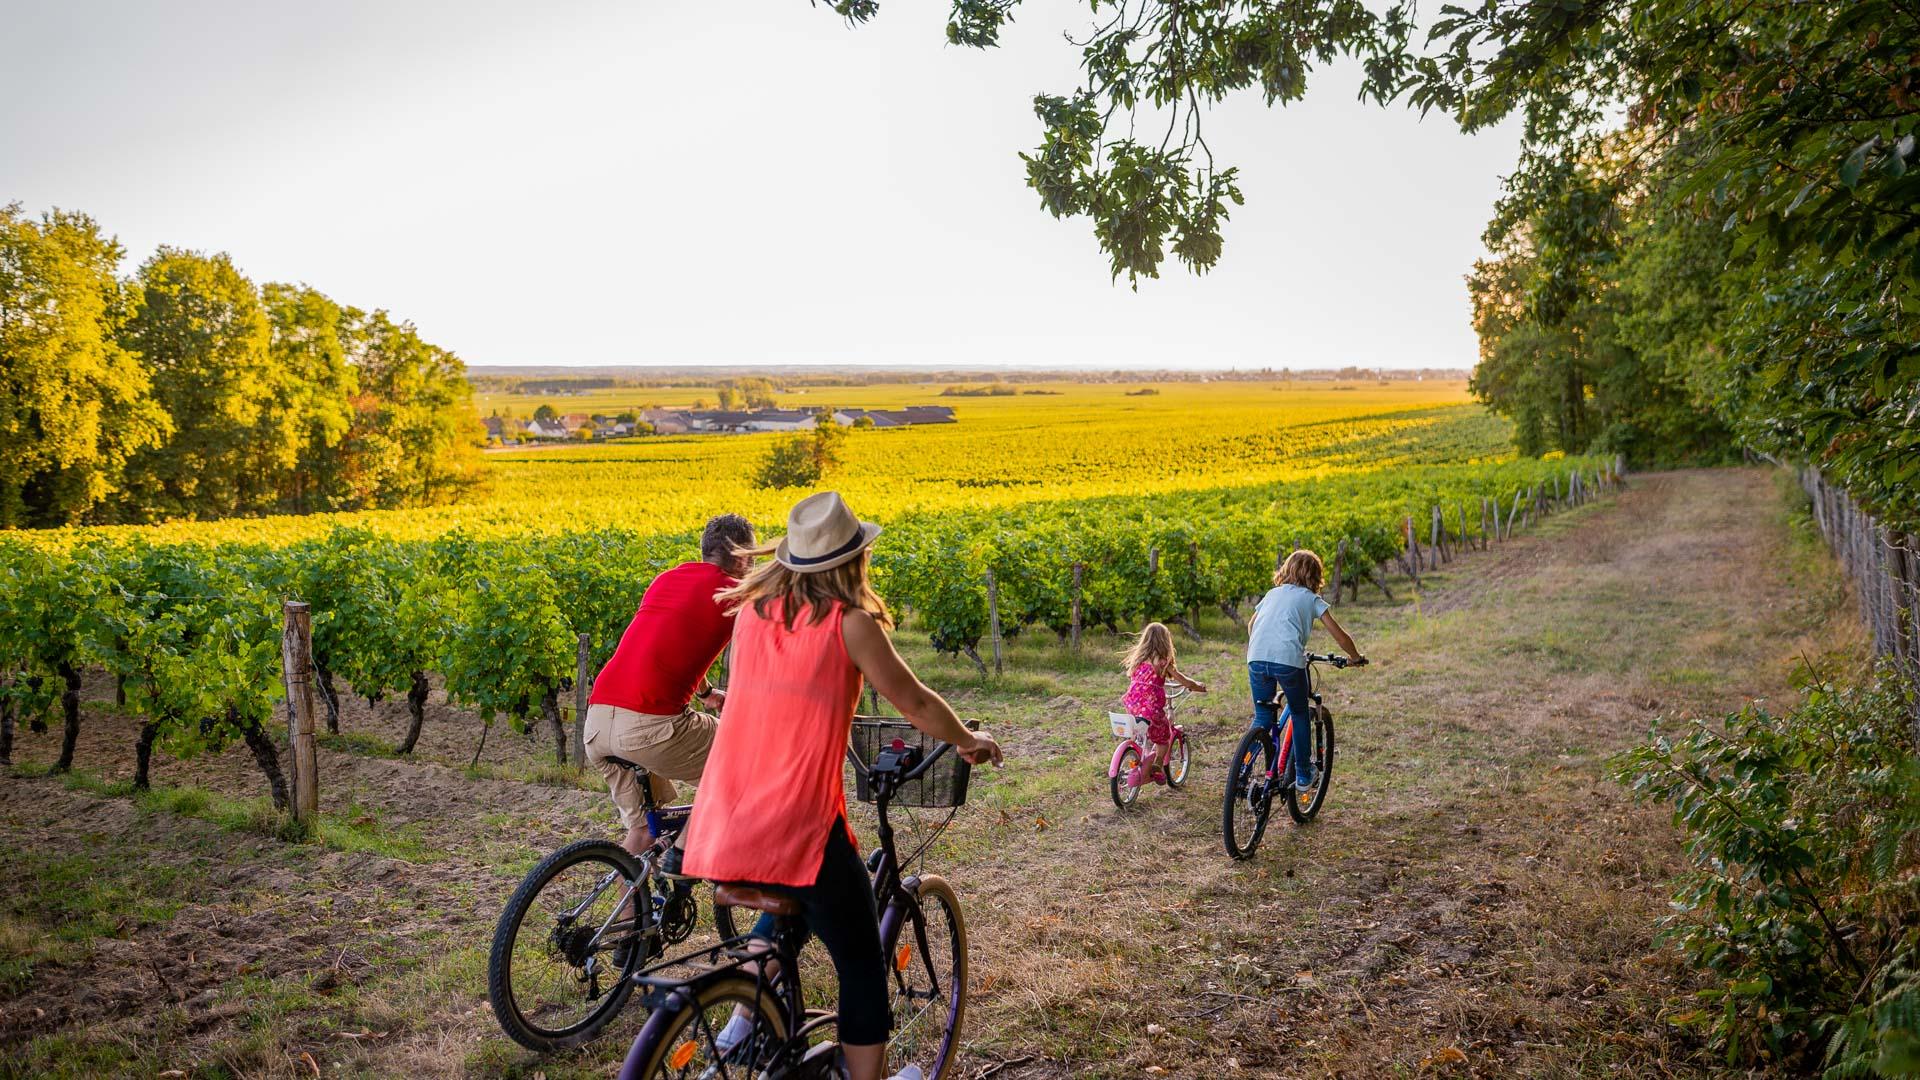 Bourgueil vineyard